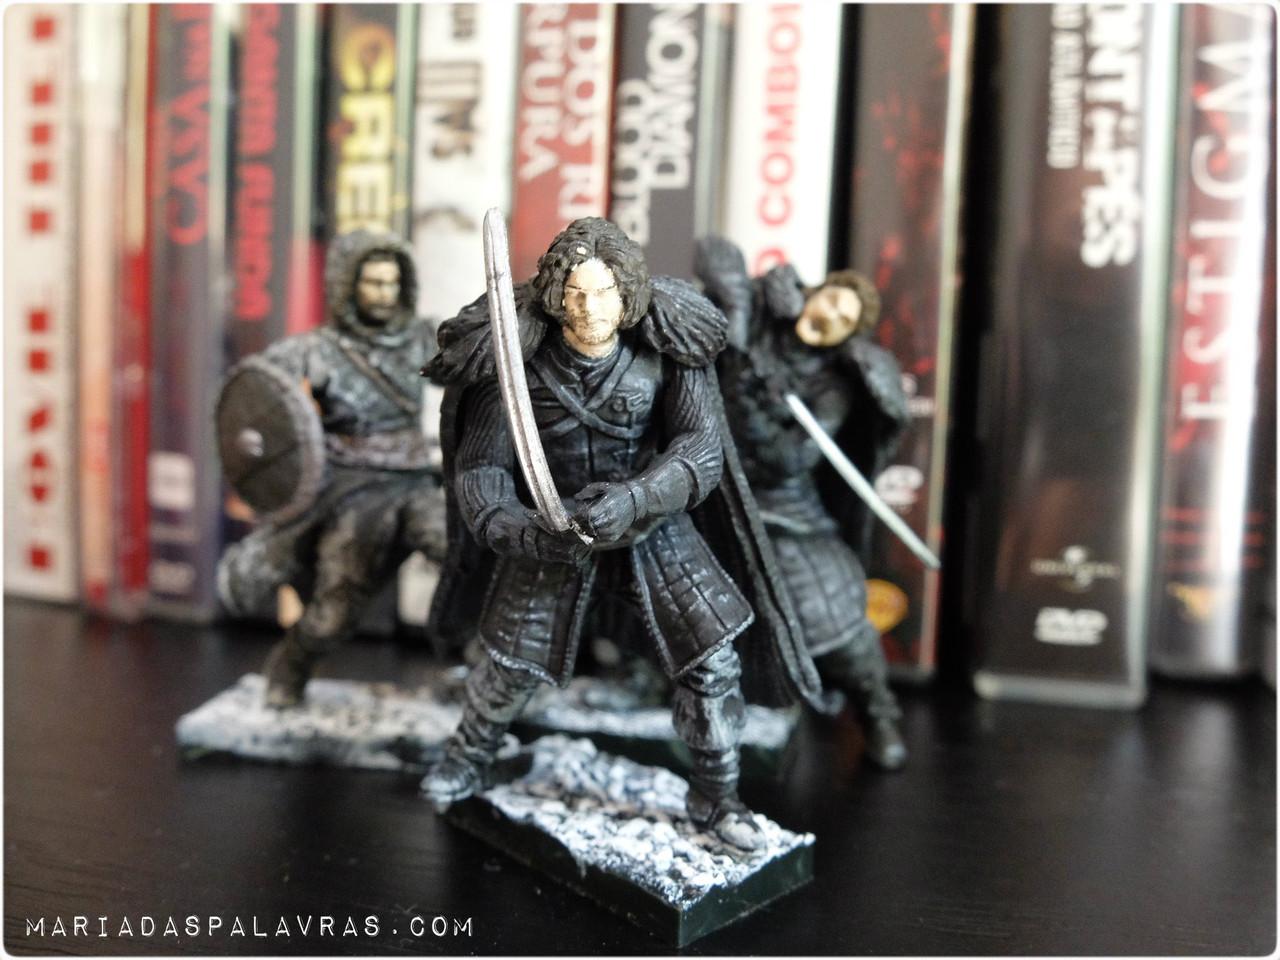 Jon Snow 1 - Maria das Palavras